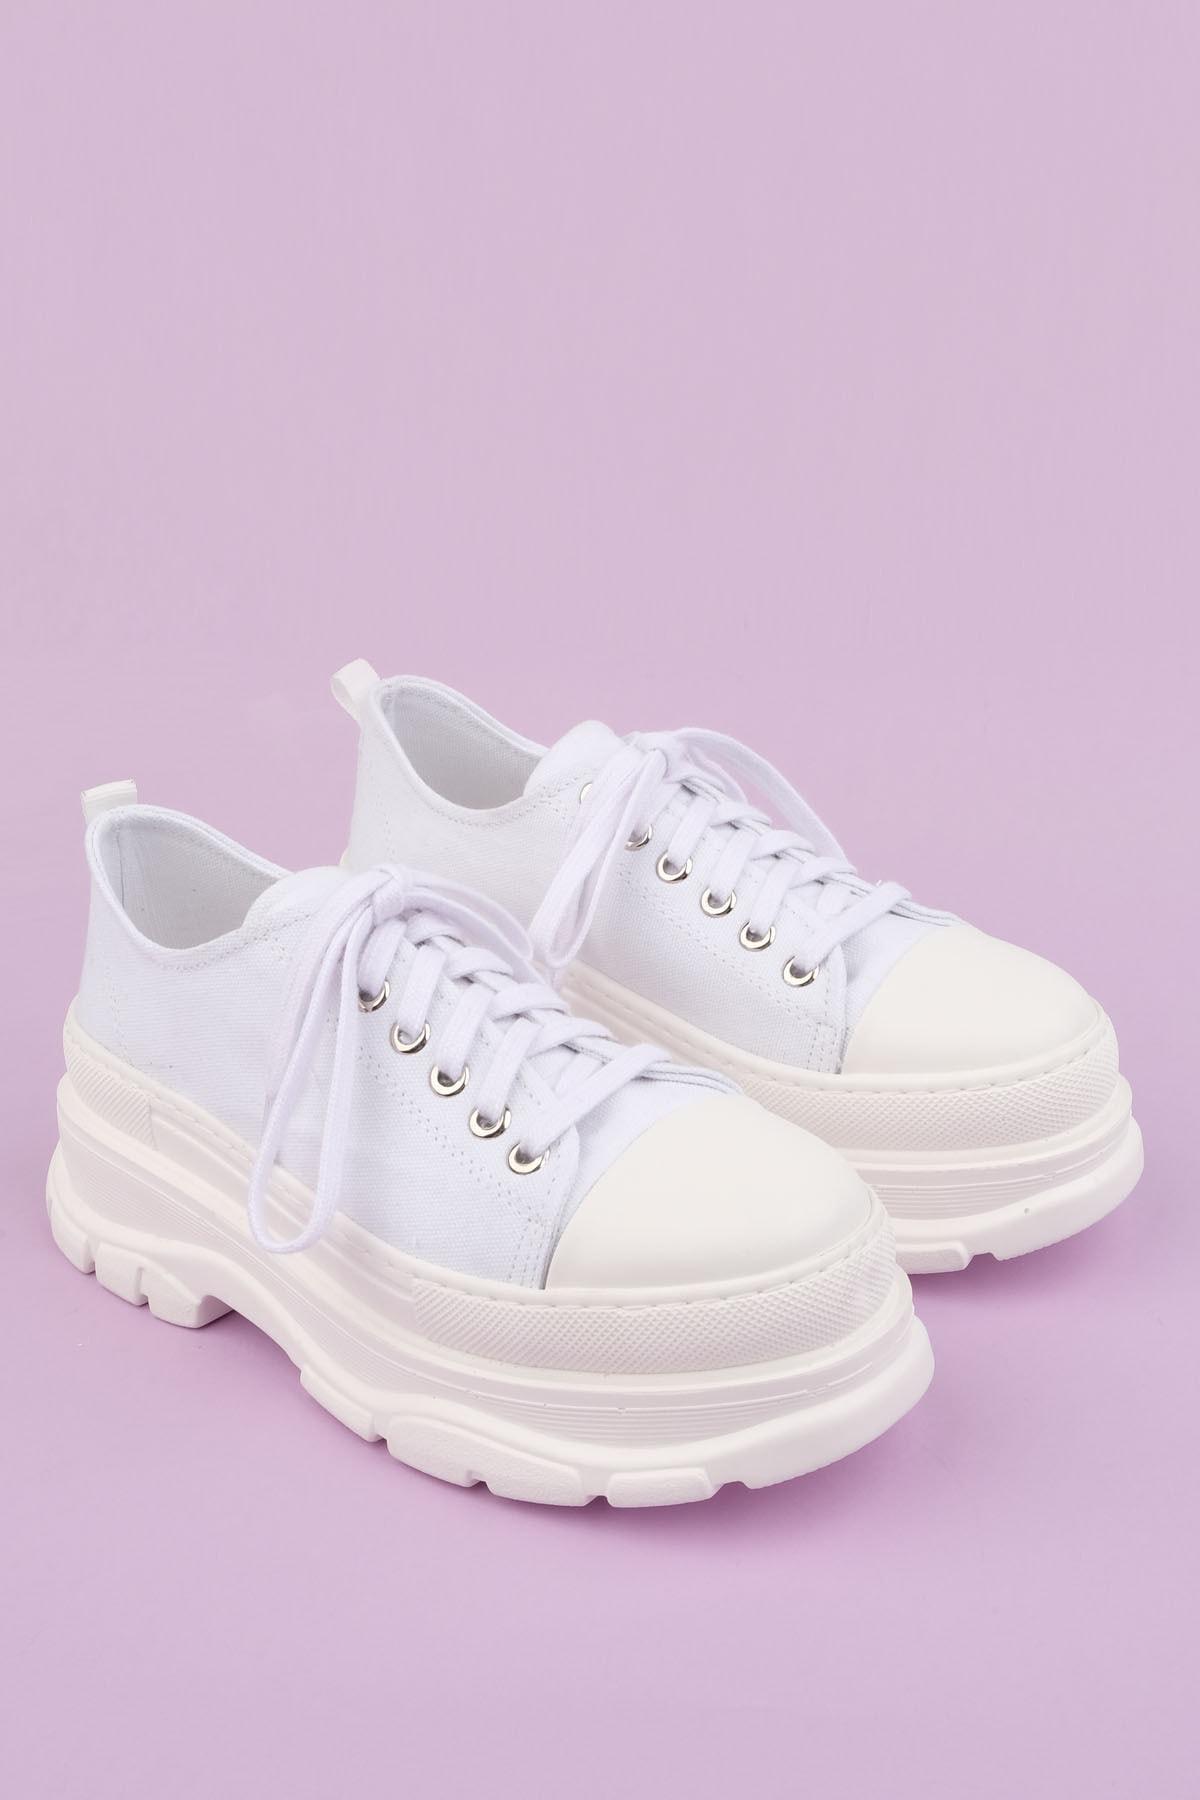 Marjin Kadın Sneaker Dolgu Topuk Spor Ayakkabı Ateznabeyaz 1